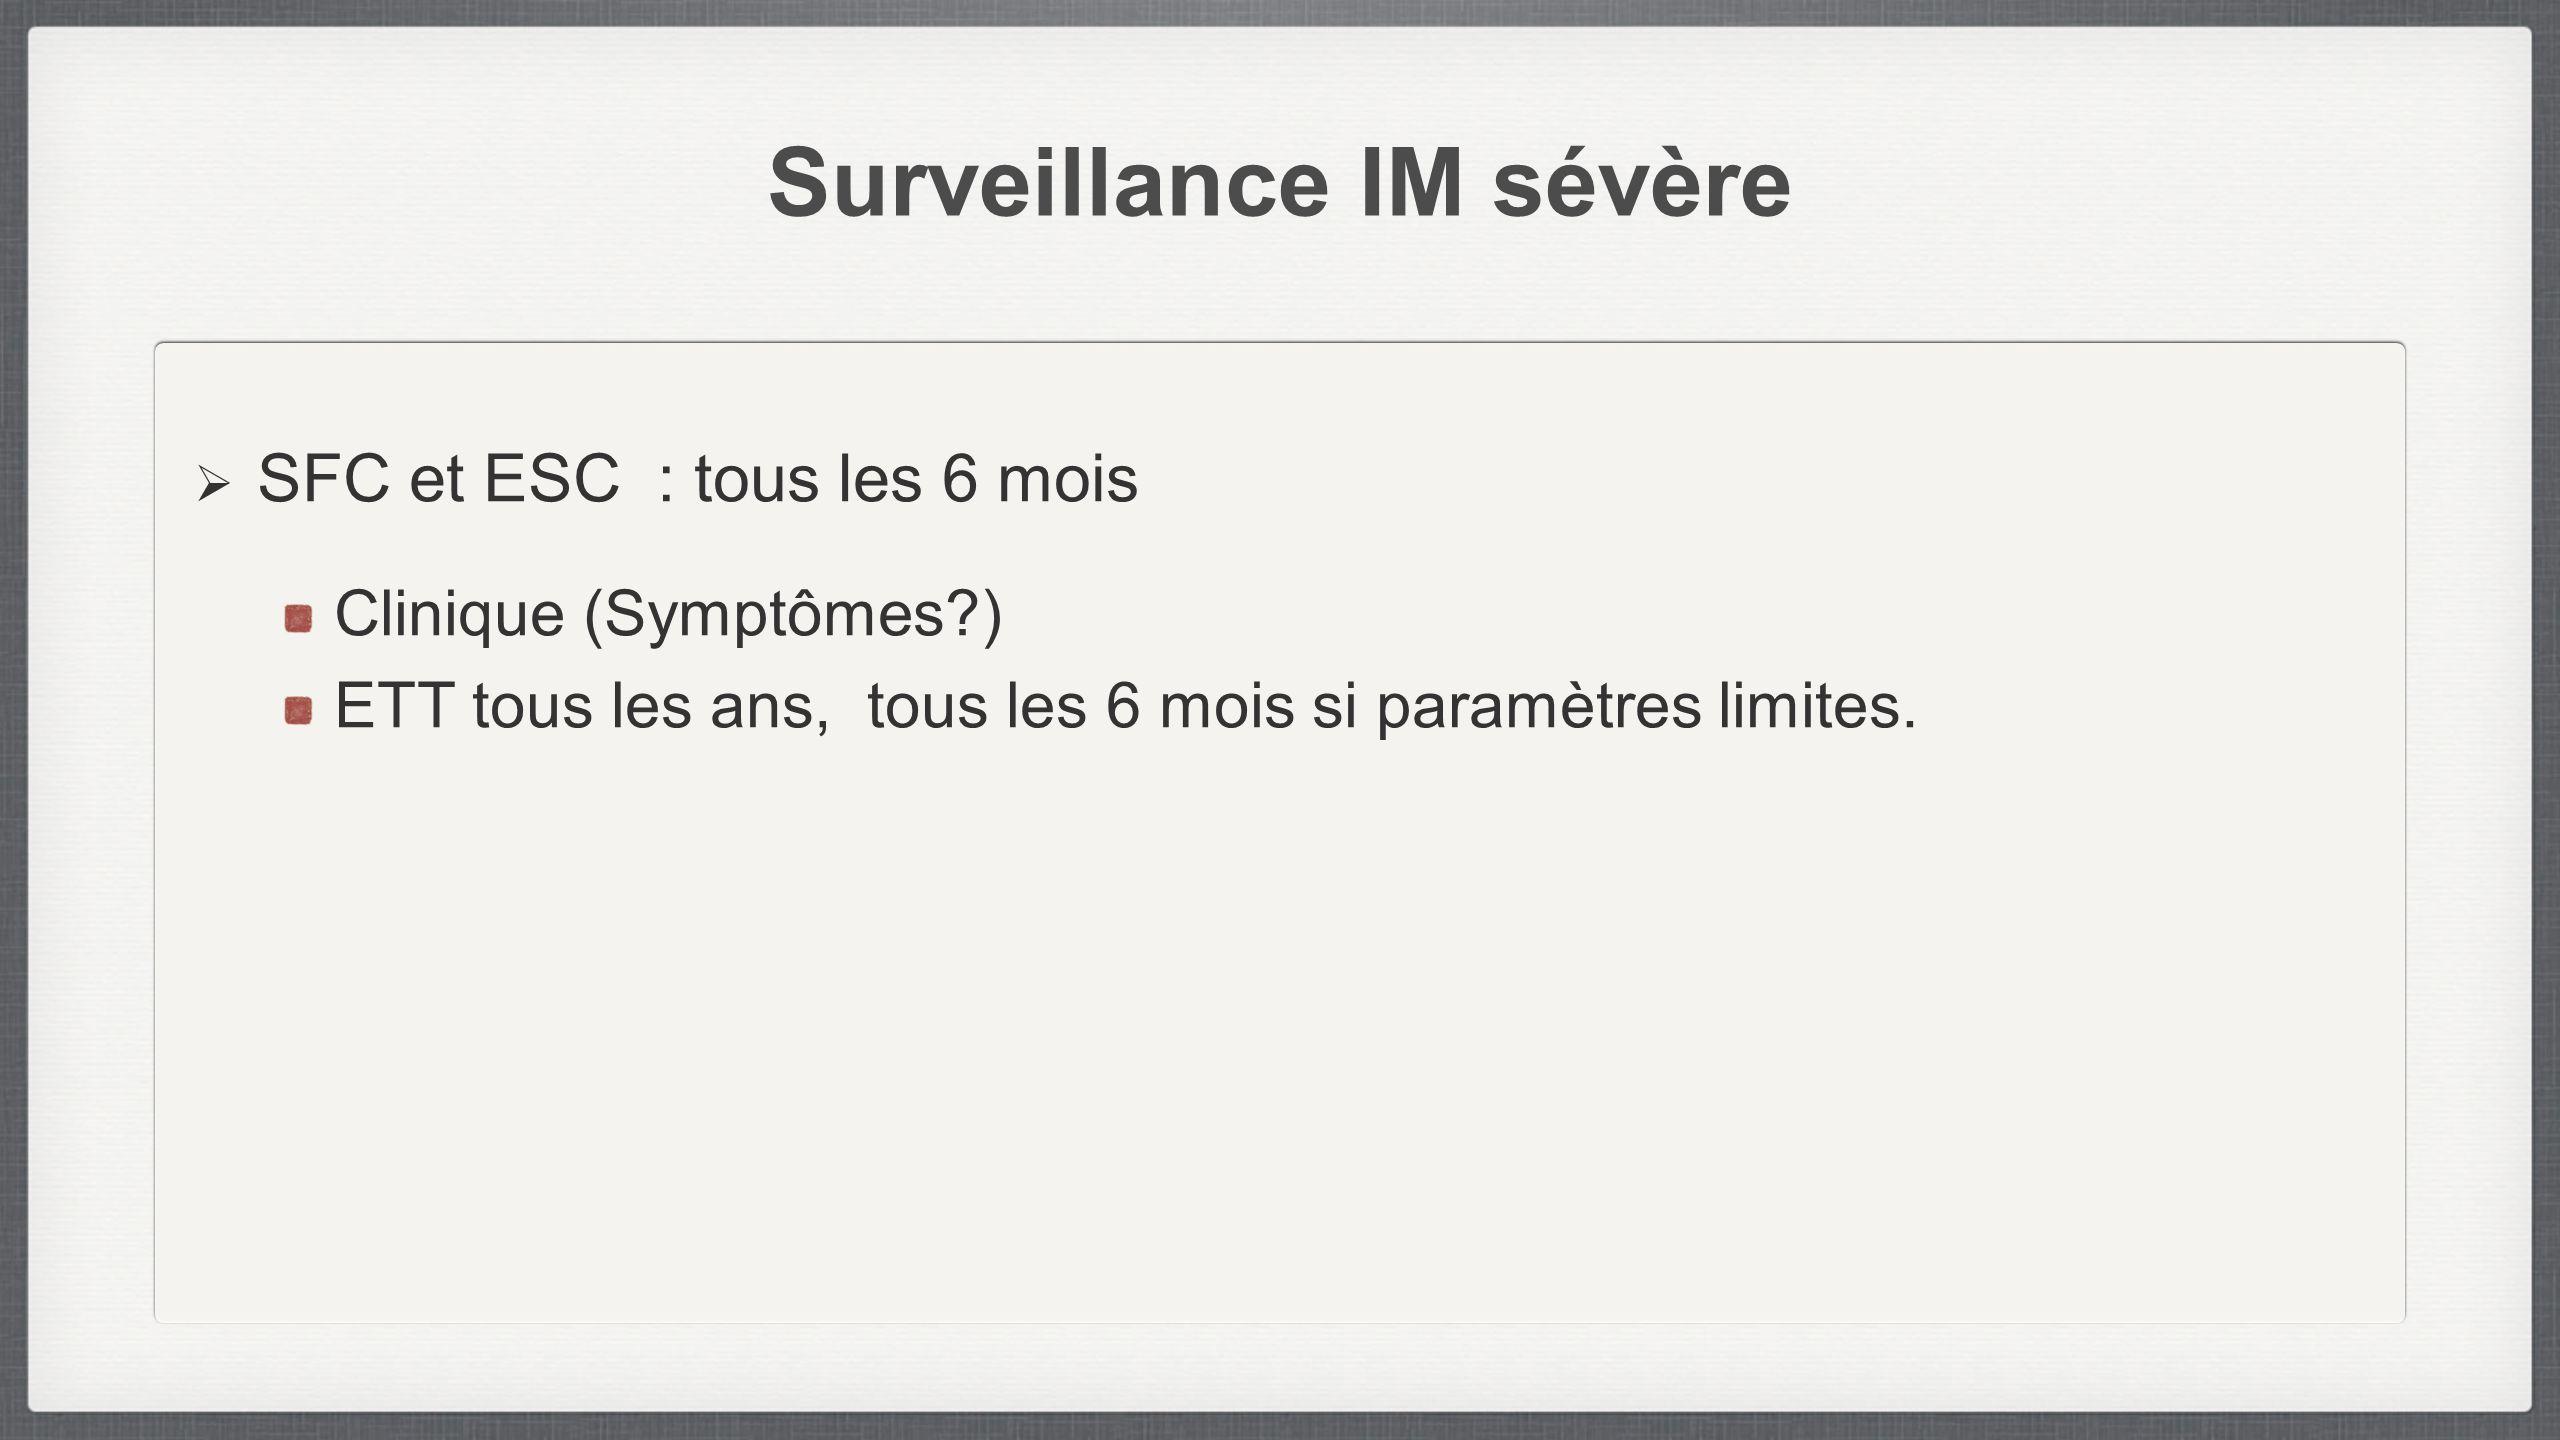 Surveillance IM sévère SFC et ESC : tous les 6 mois Clinique (Symptômes?) ETT tous les ans, tous les 6 mois si paramètres limites.